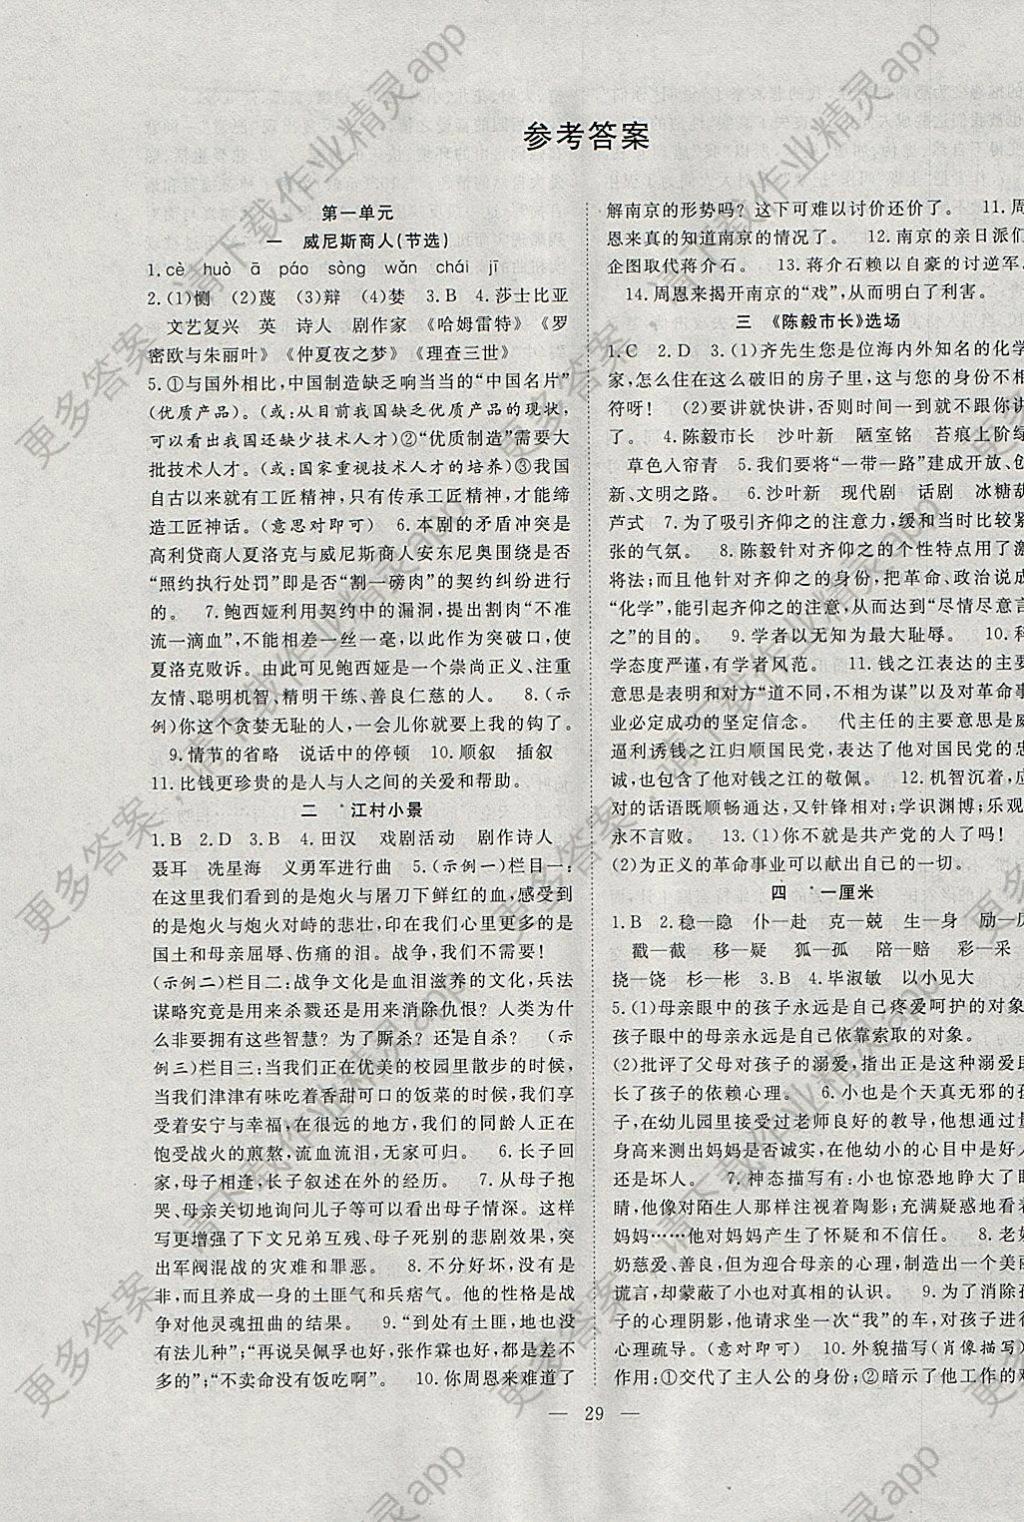 2018年全频道同步课时作业九年级语文下册苏教版 参考答案第1页